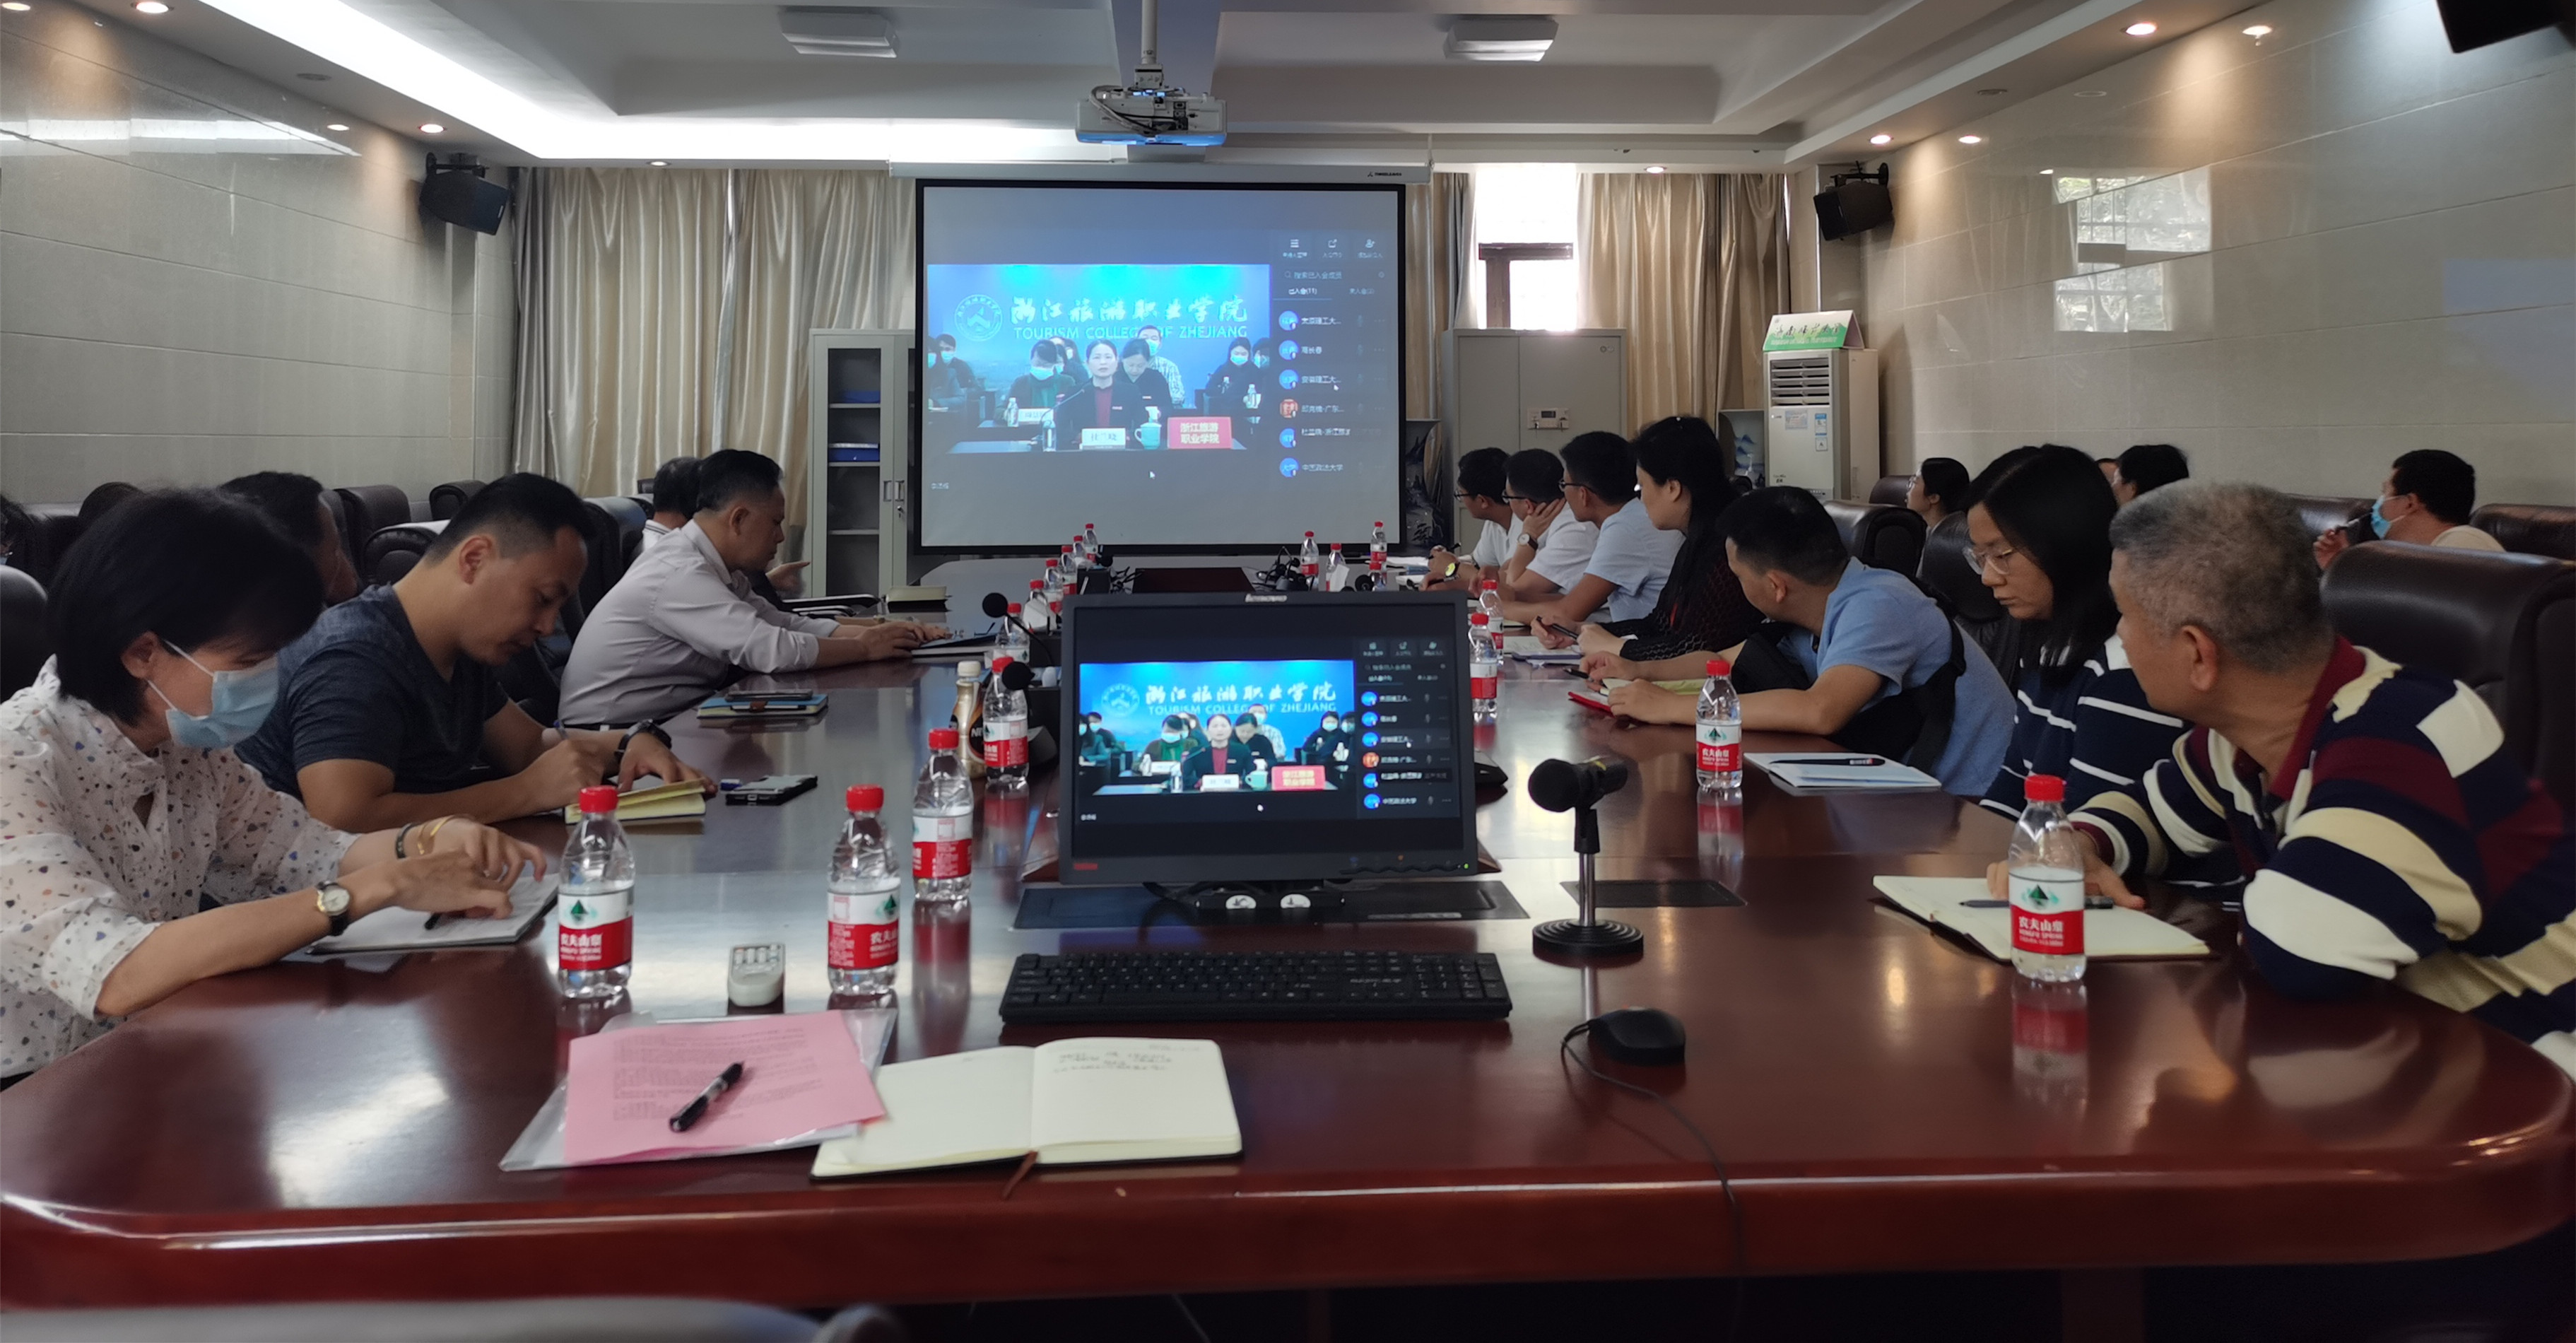 我校组织参加教育部2021届普通高校毕业生就业工作第二次调度视频会议.jpg